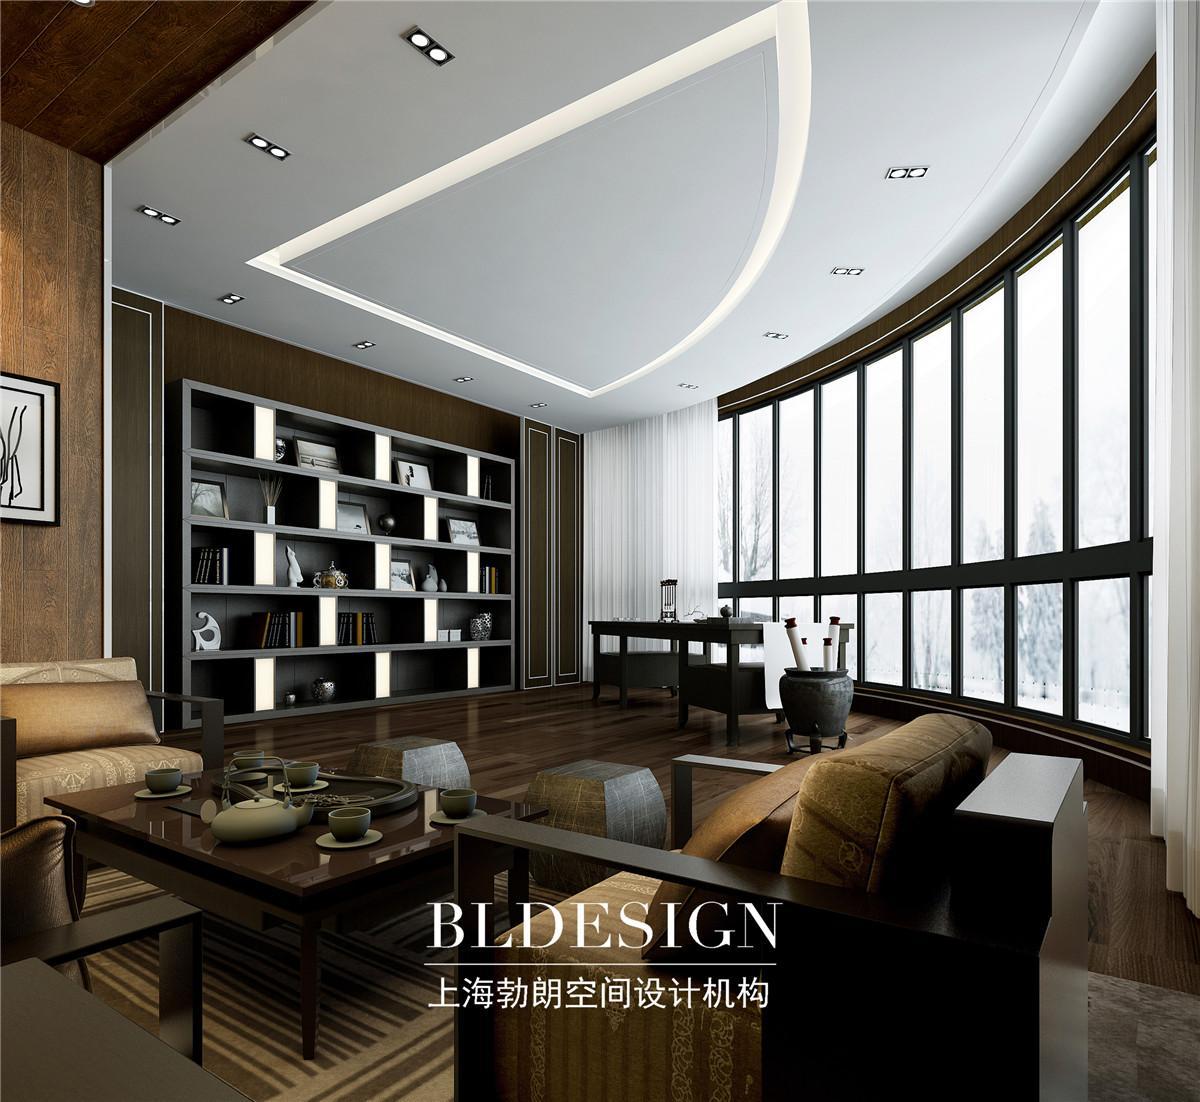 现代中式办公室装修设计效果图 新中式办公室设计案例3456789案例图高清图片